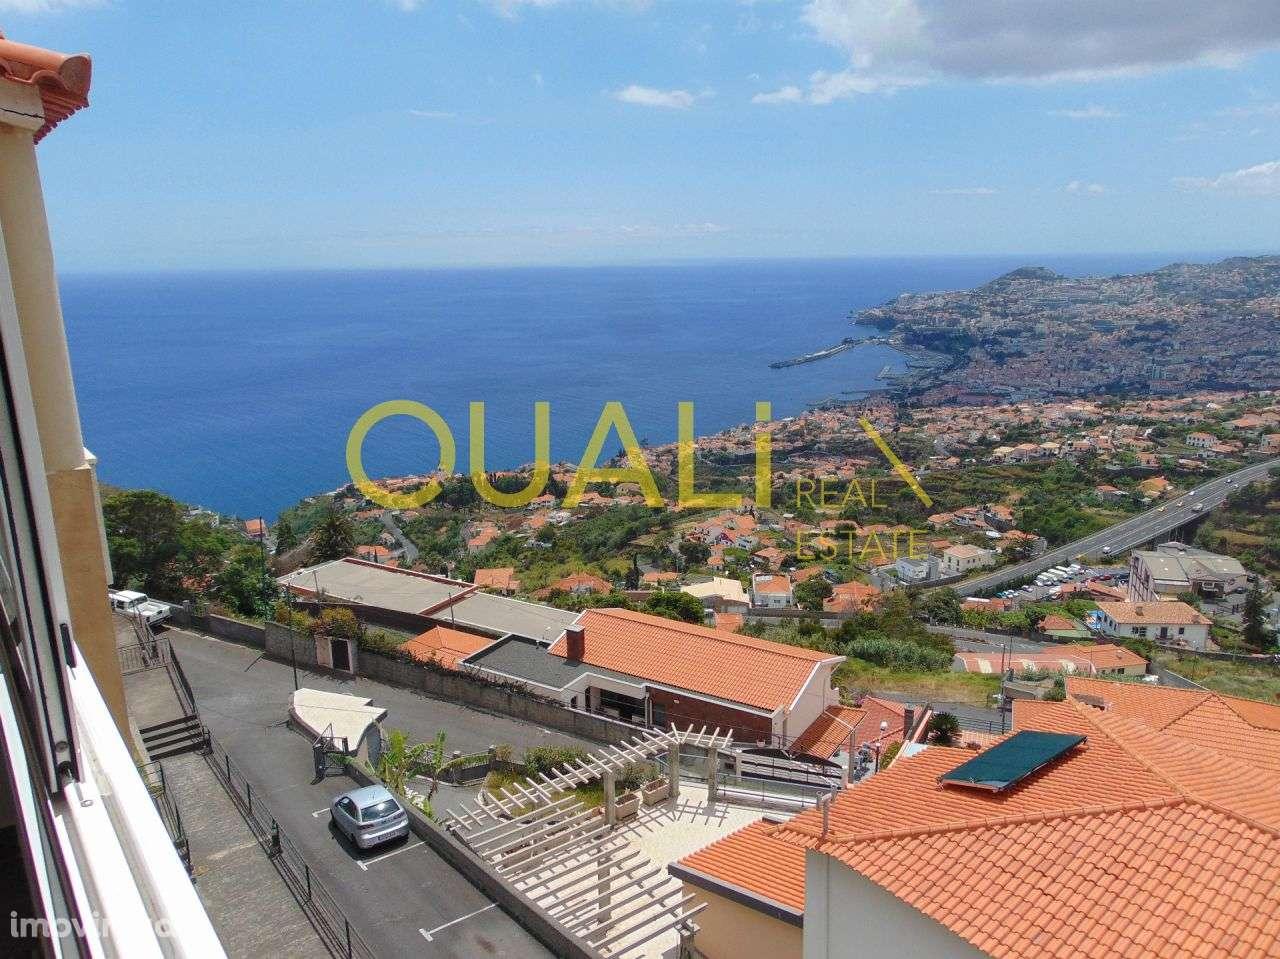 Apartamento para comprar, São Gonçalo, Ilha da Madeira - Foto 1